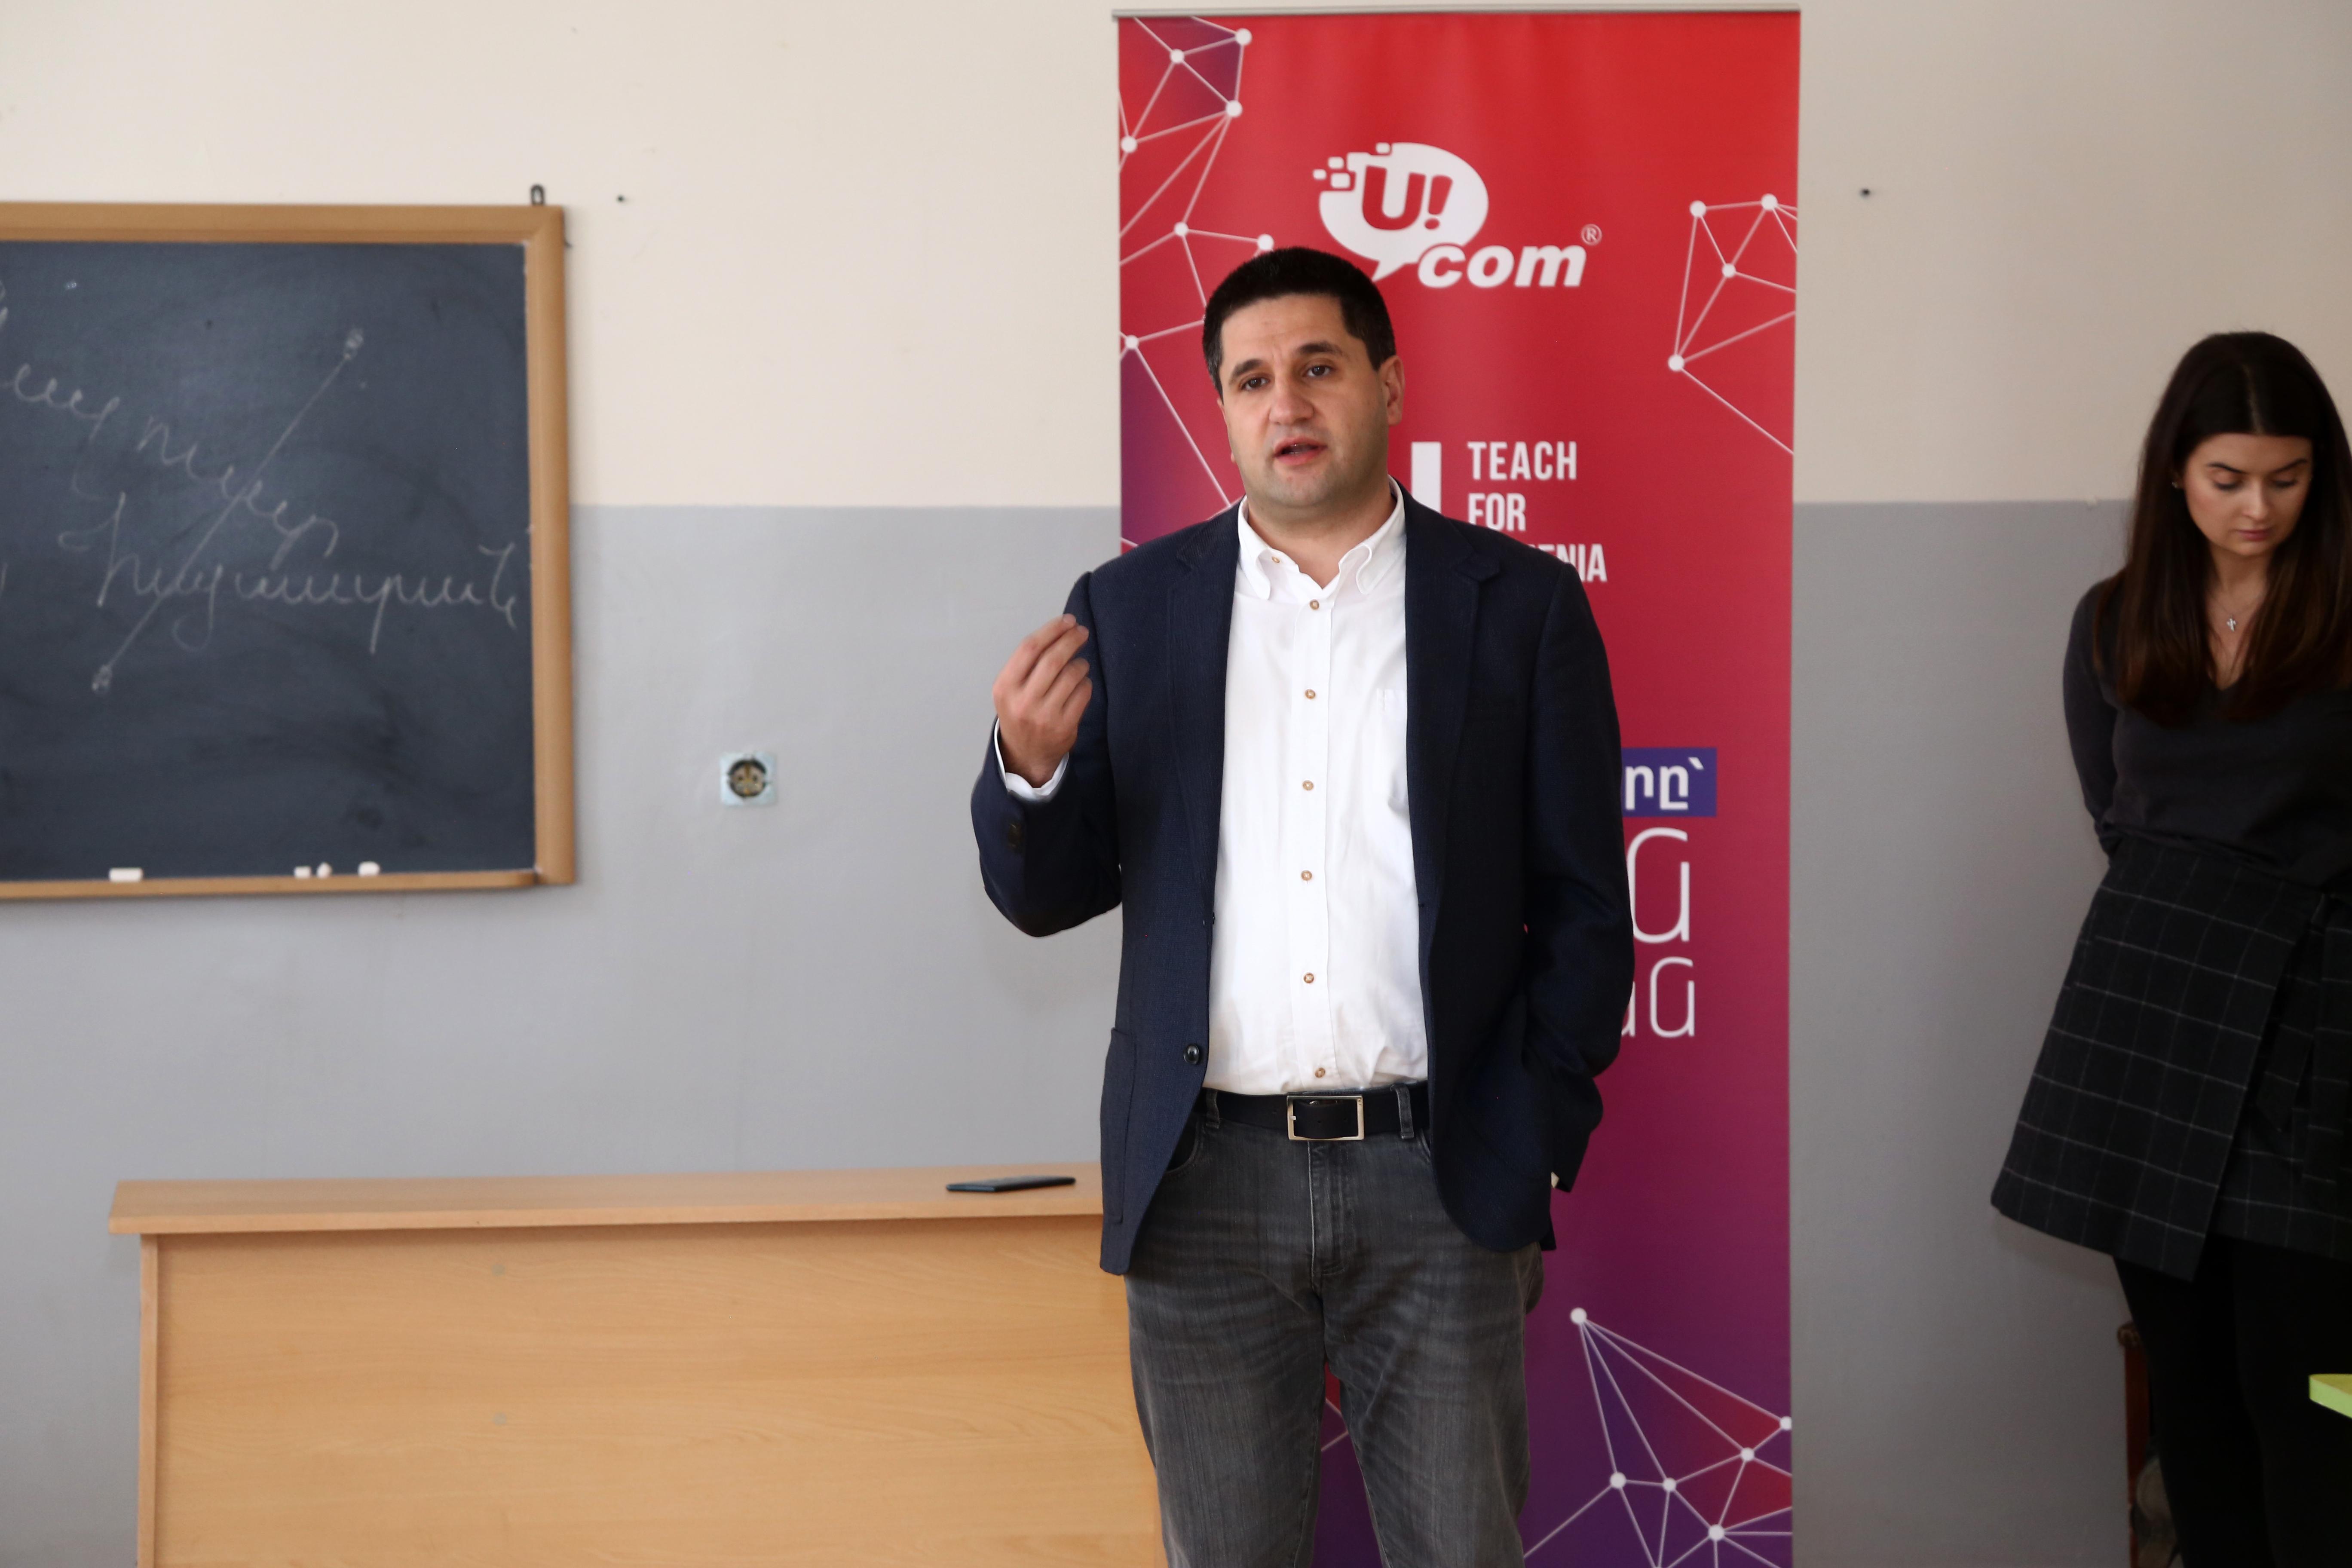 Ucom. Հայկ Եսայանը բաց դաս անցկացրեց Կոշի «Արմաթ» լաբորատորիայի սաների և «Դասավանդի՛ր, Հայաստան» ծրագրի աշակերտների համար